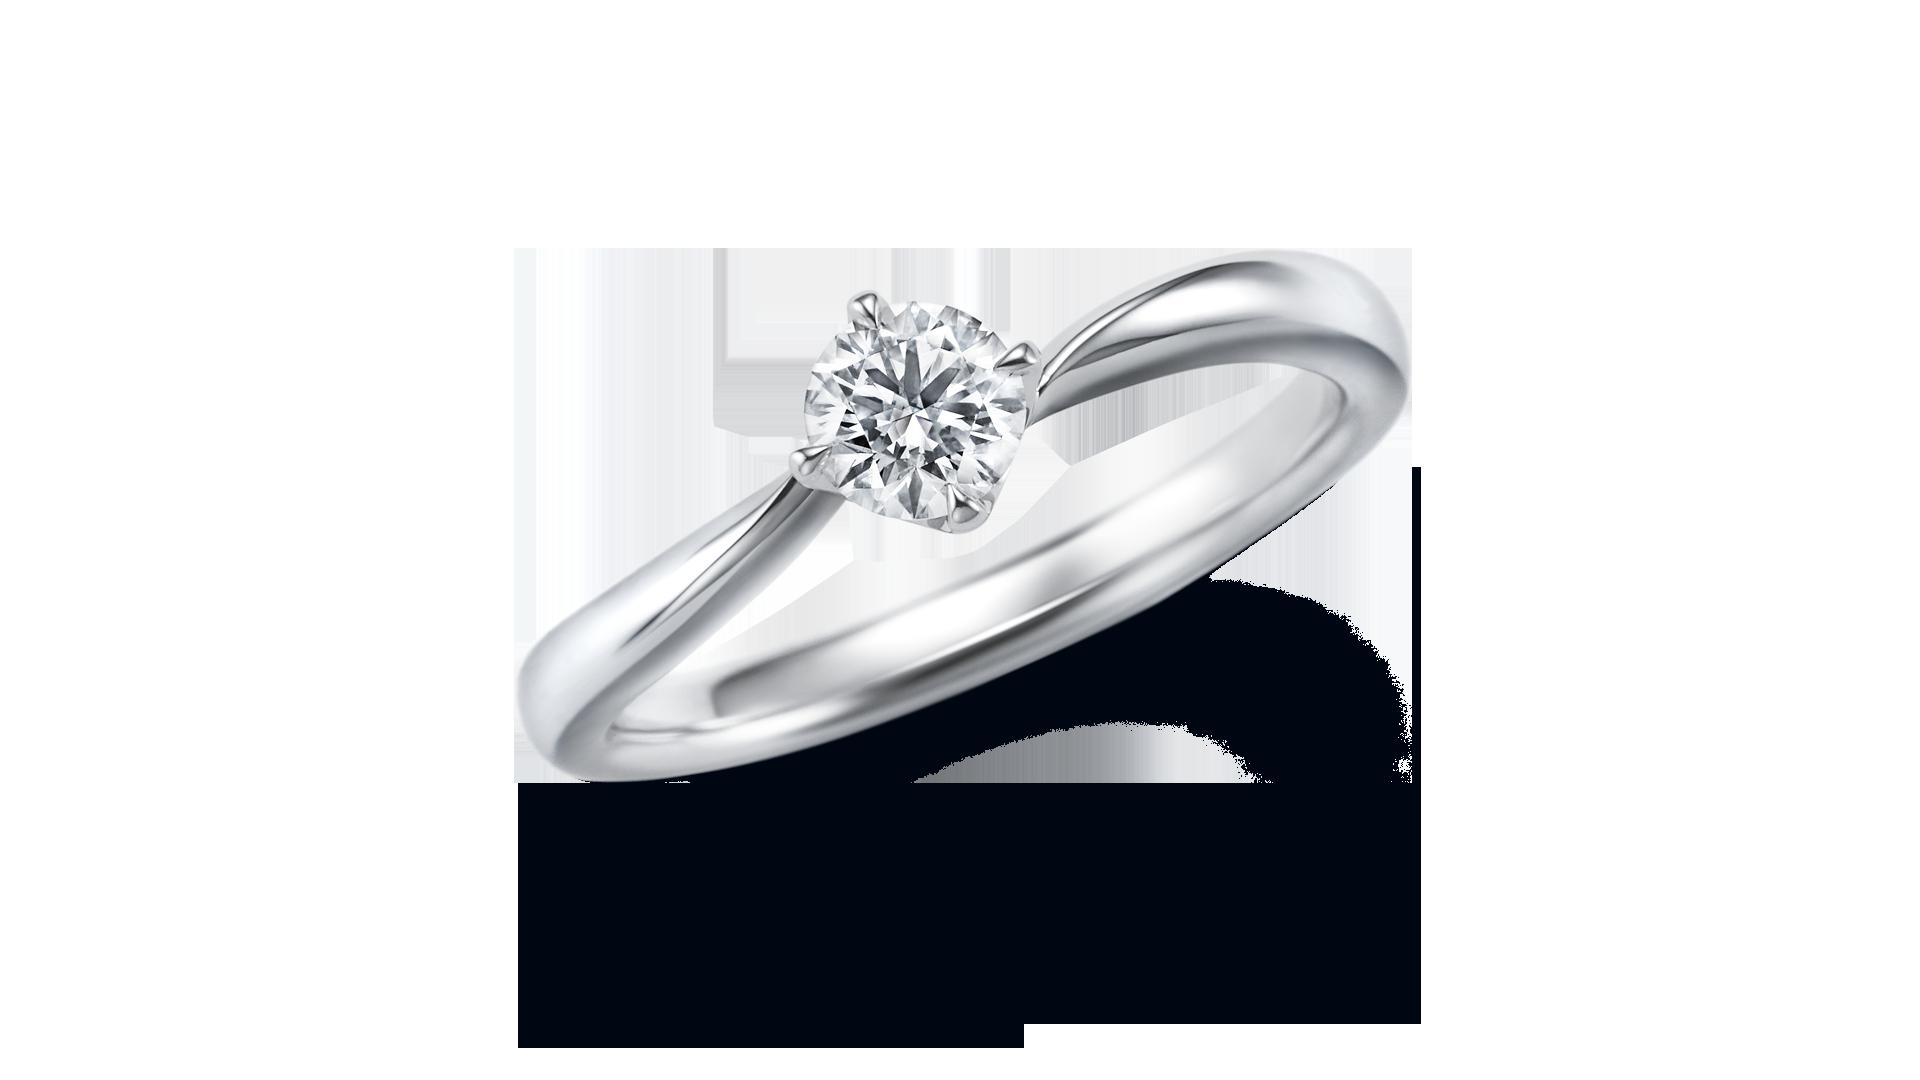 arrioph アリオフ | 婚約指輪サムネイル 3